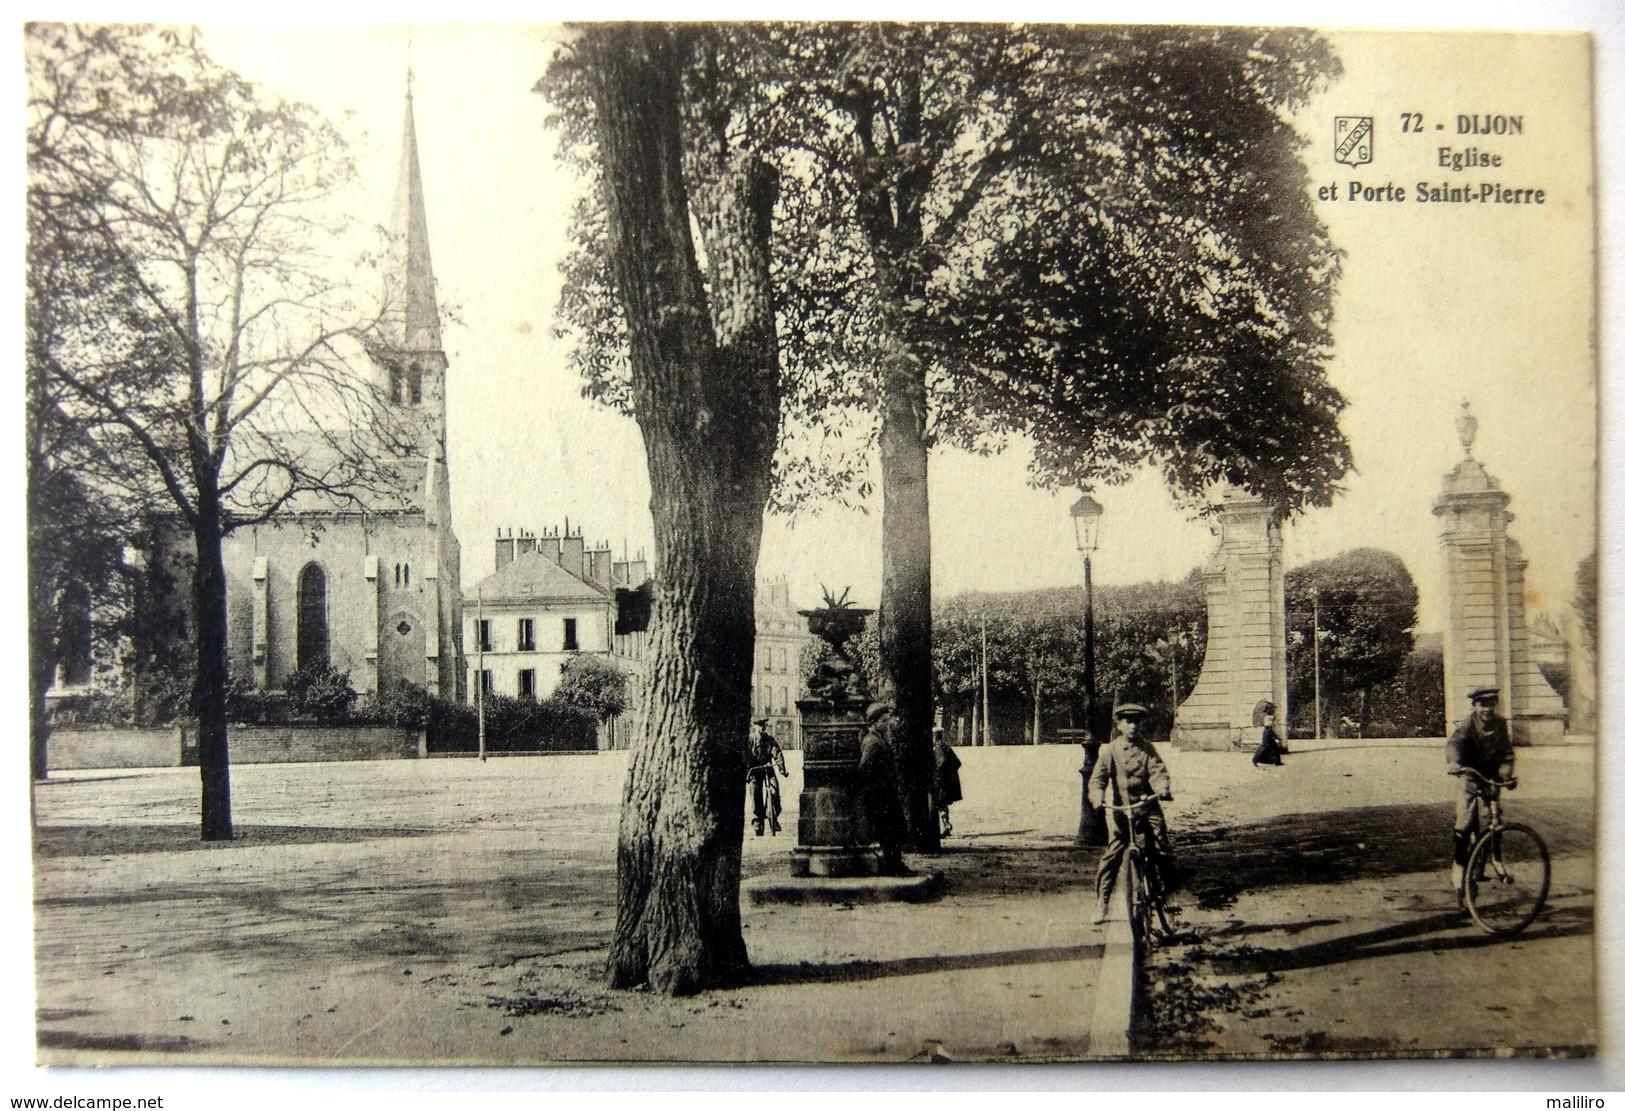 Dijon - Eglise Et Porte Saint-Pierre - Dijon